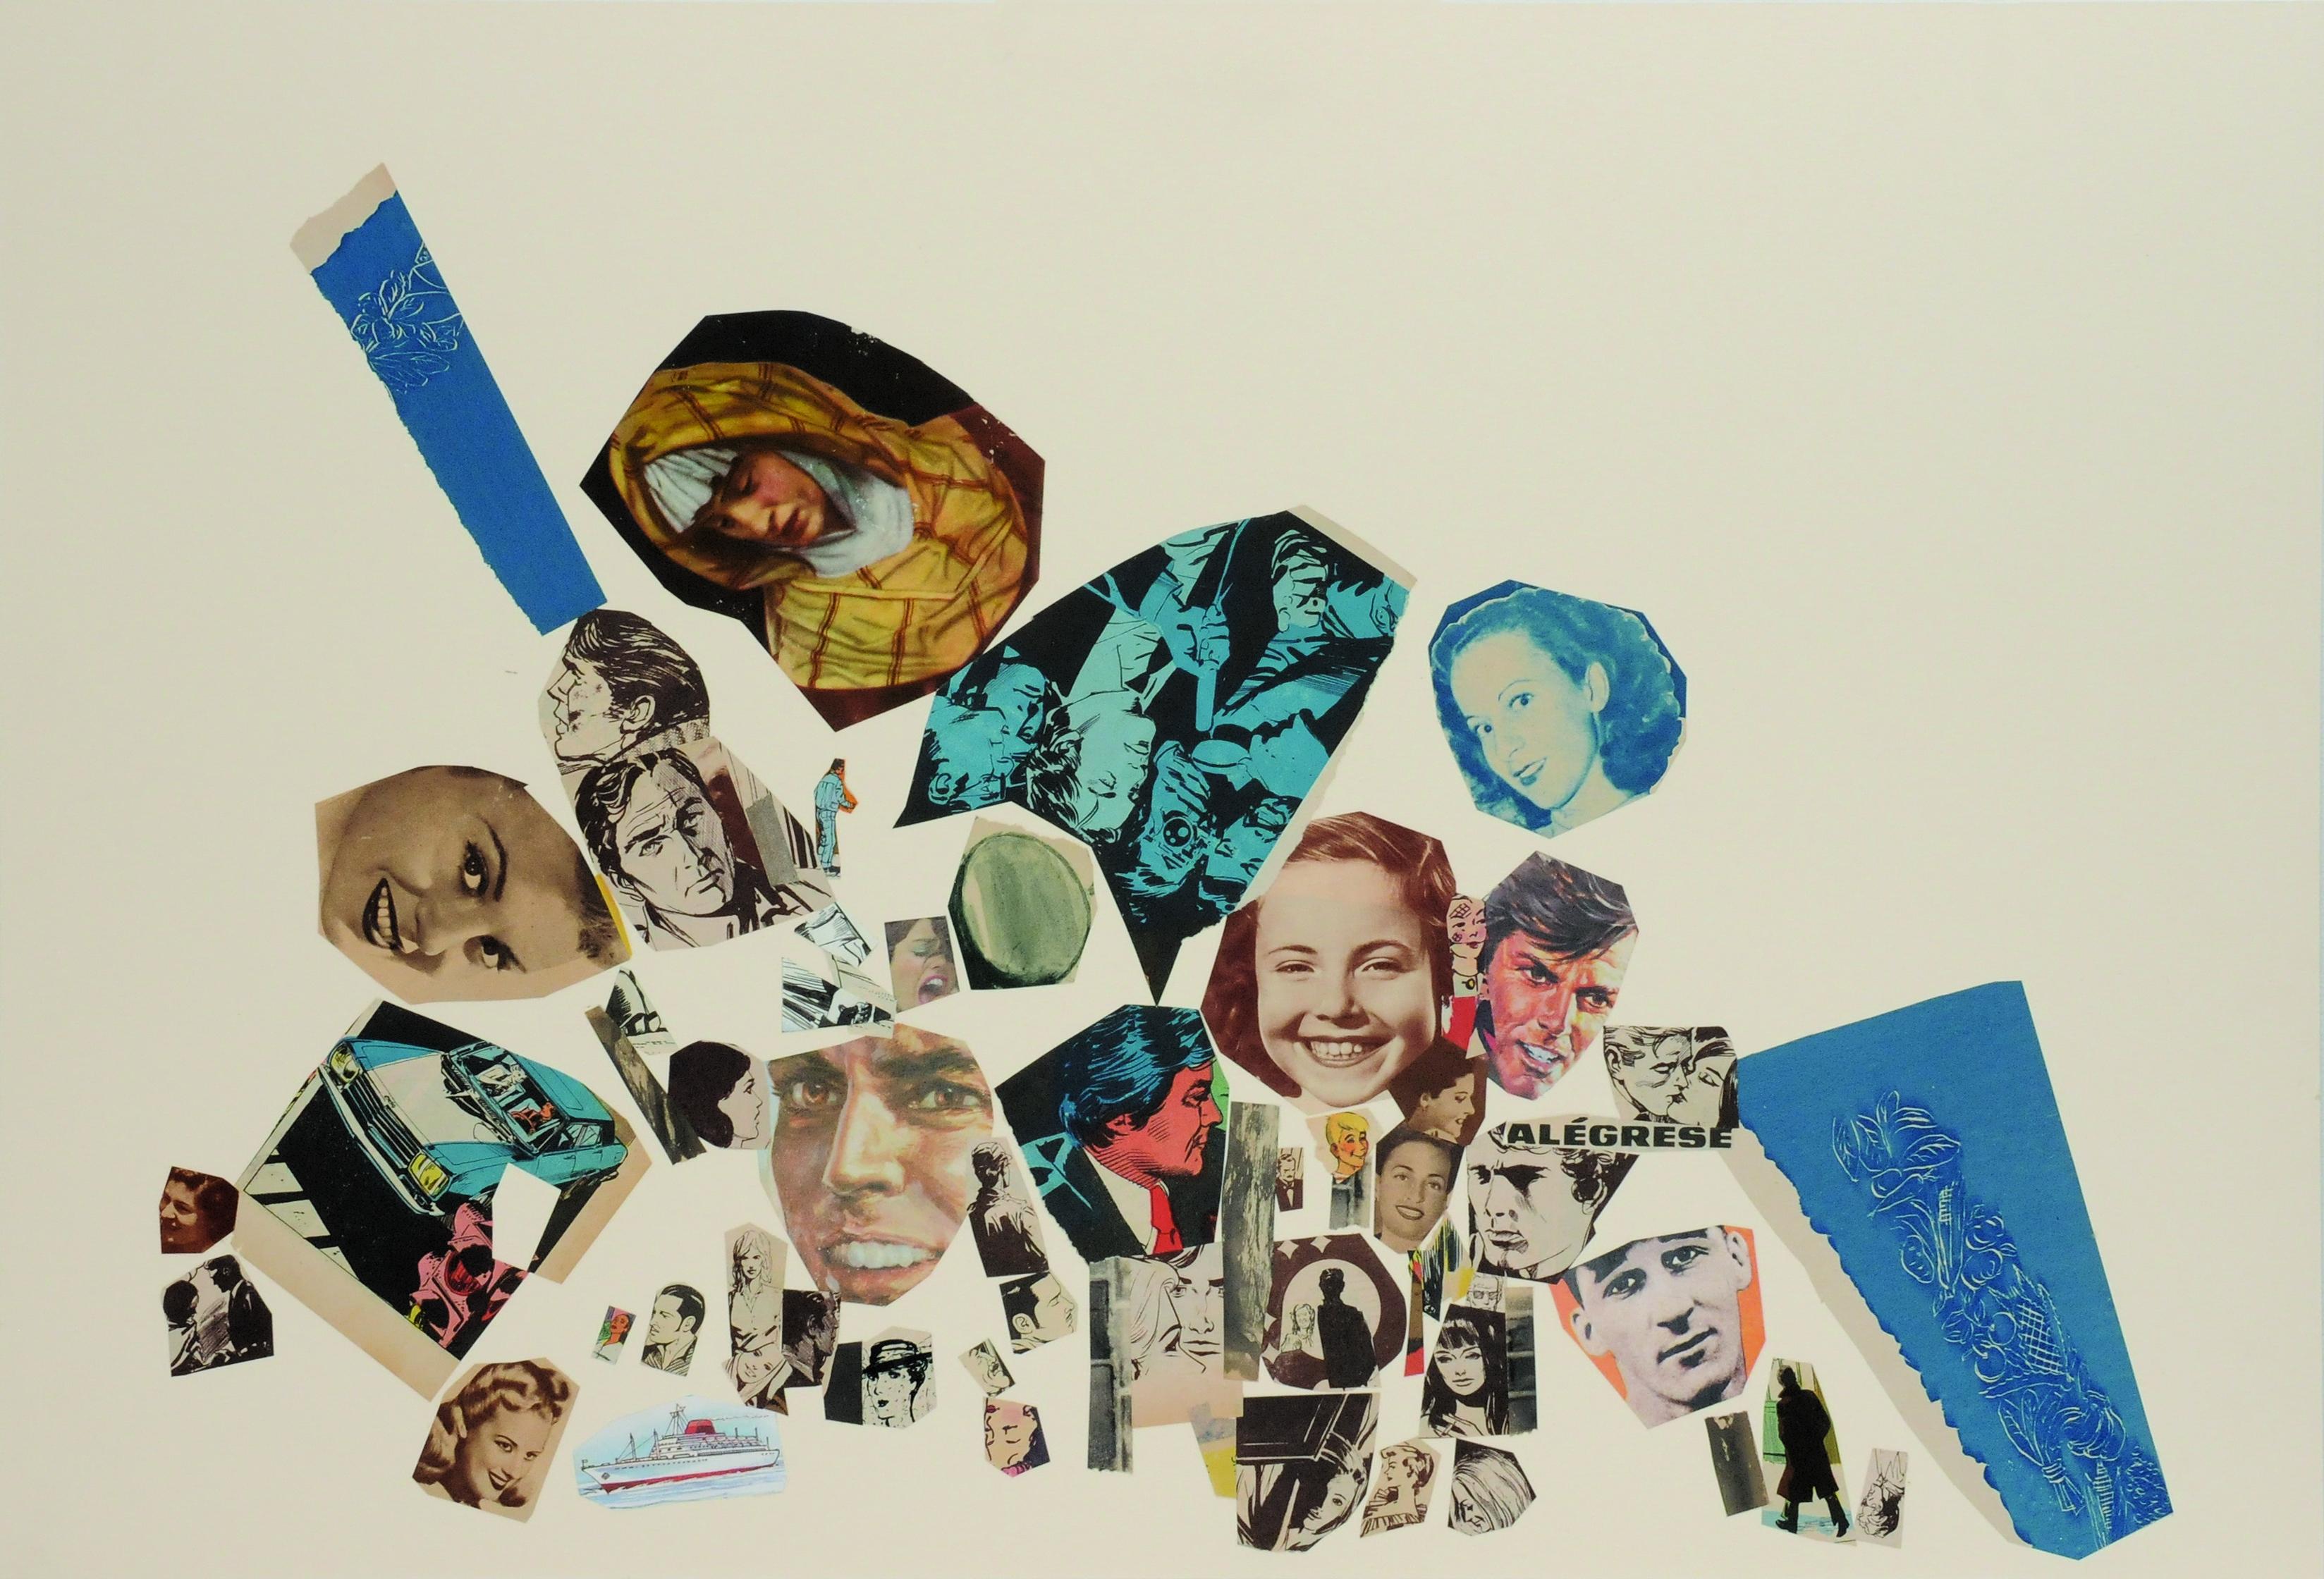 Alégrese, papel collage, 51 cm x 76 cm. 2008